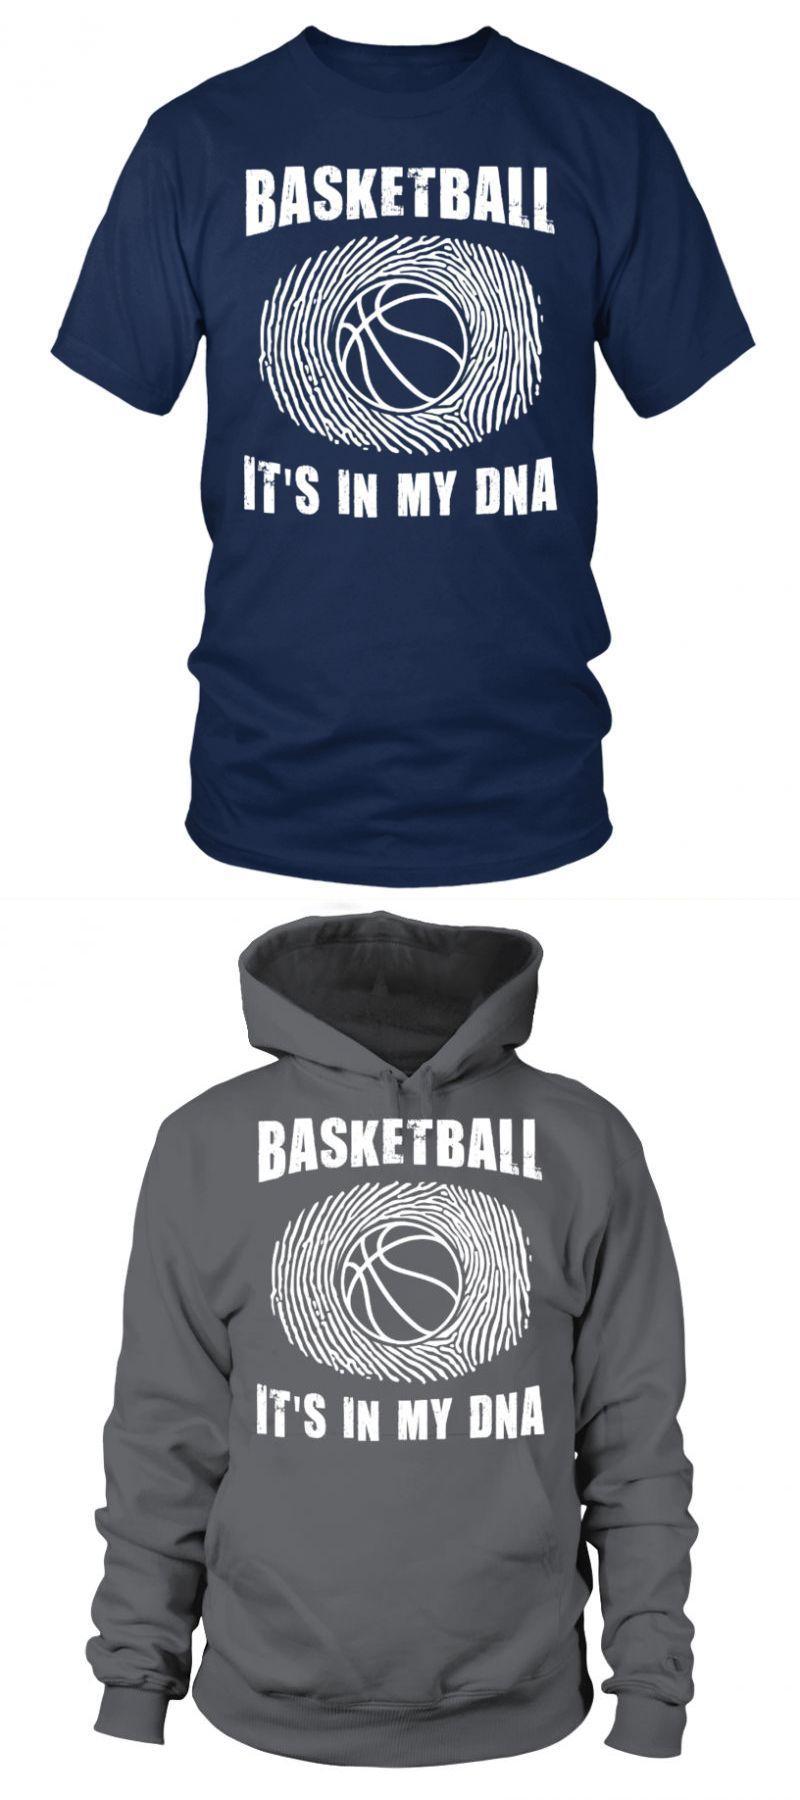 T Shirt Design Ideas For Basketball Basketball Dna T Shirt